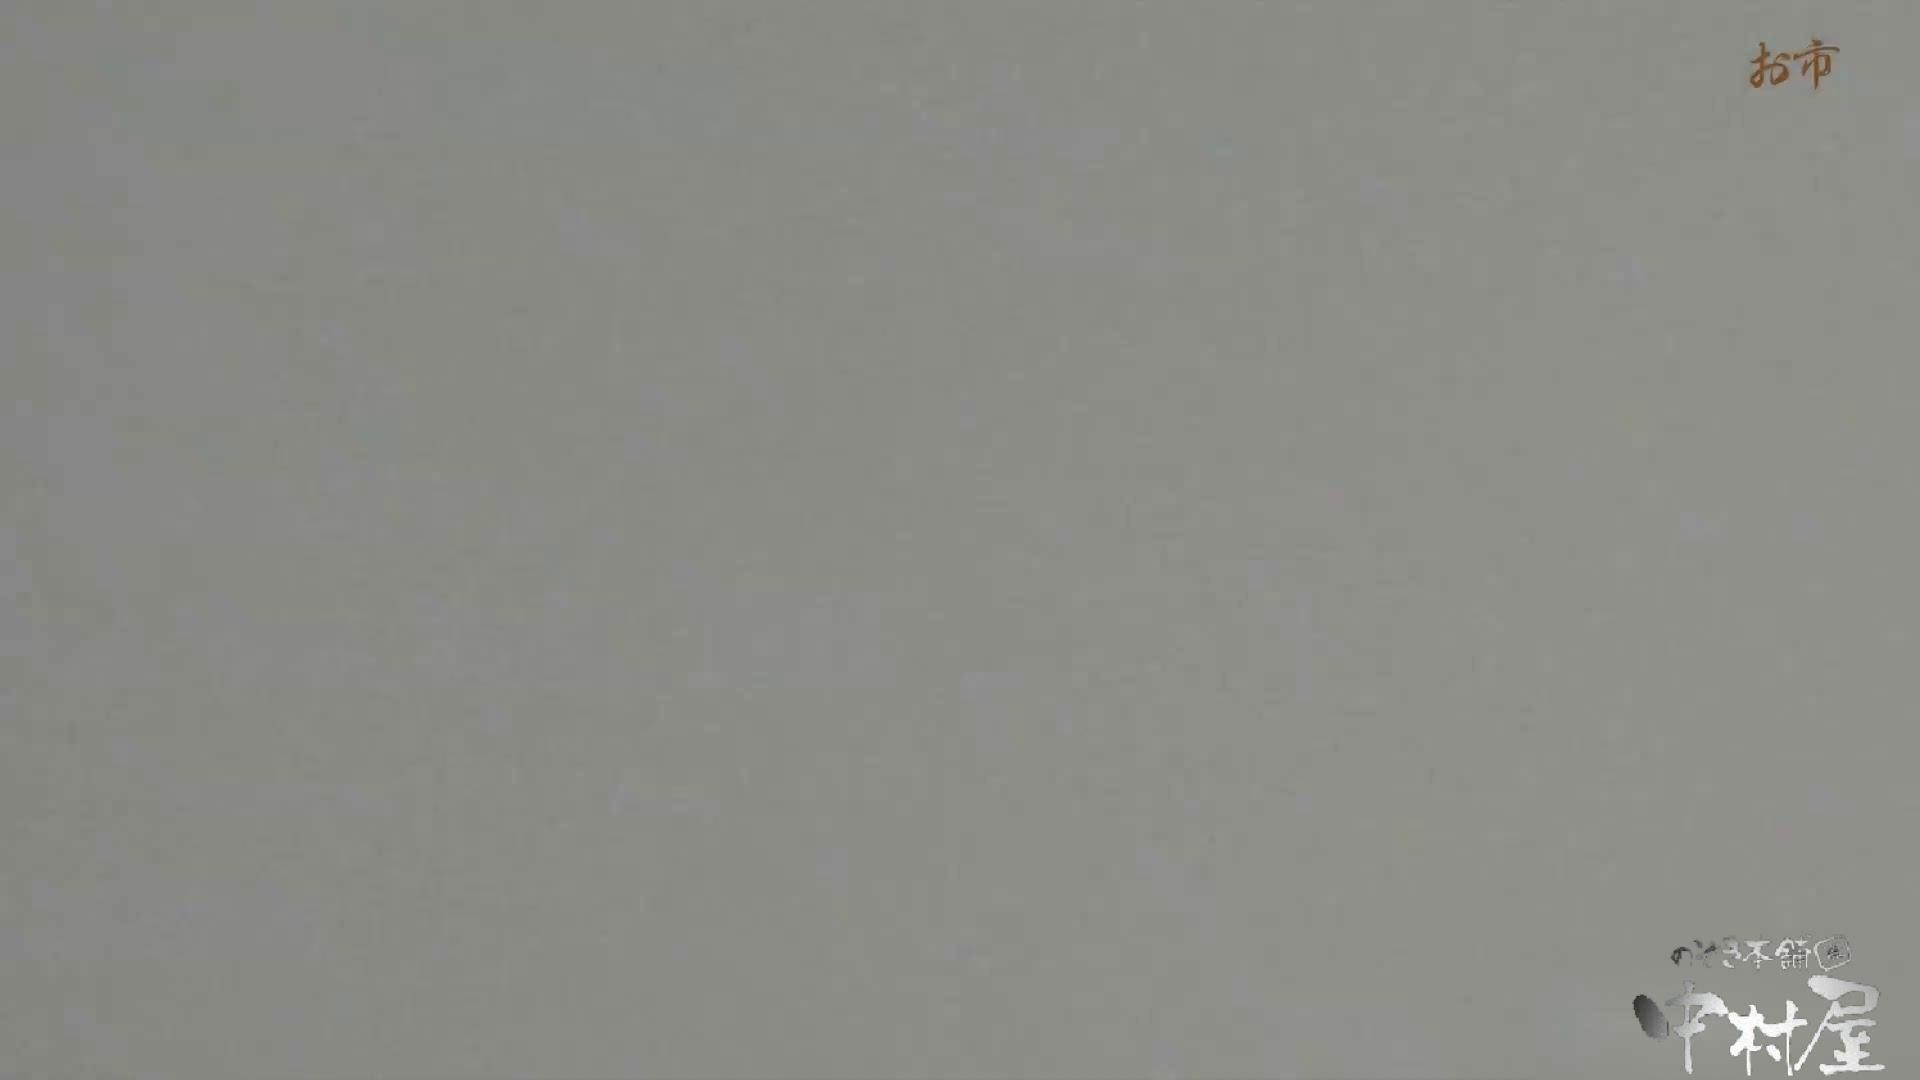 お市さんの「お尻丸出しジャンボリー」No.15 お尻 盗撮動画紹介 107PIX 17